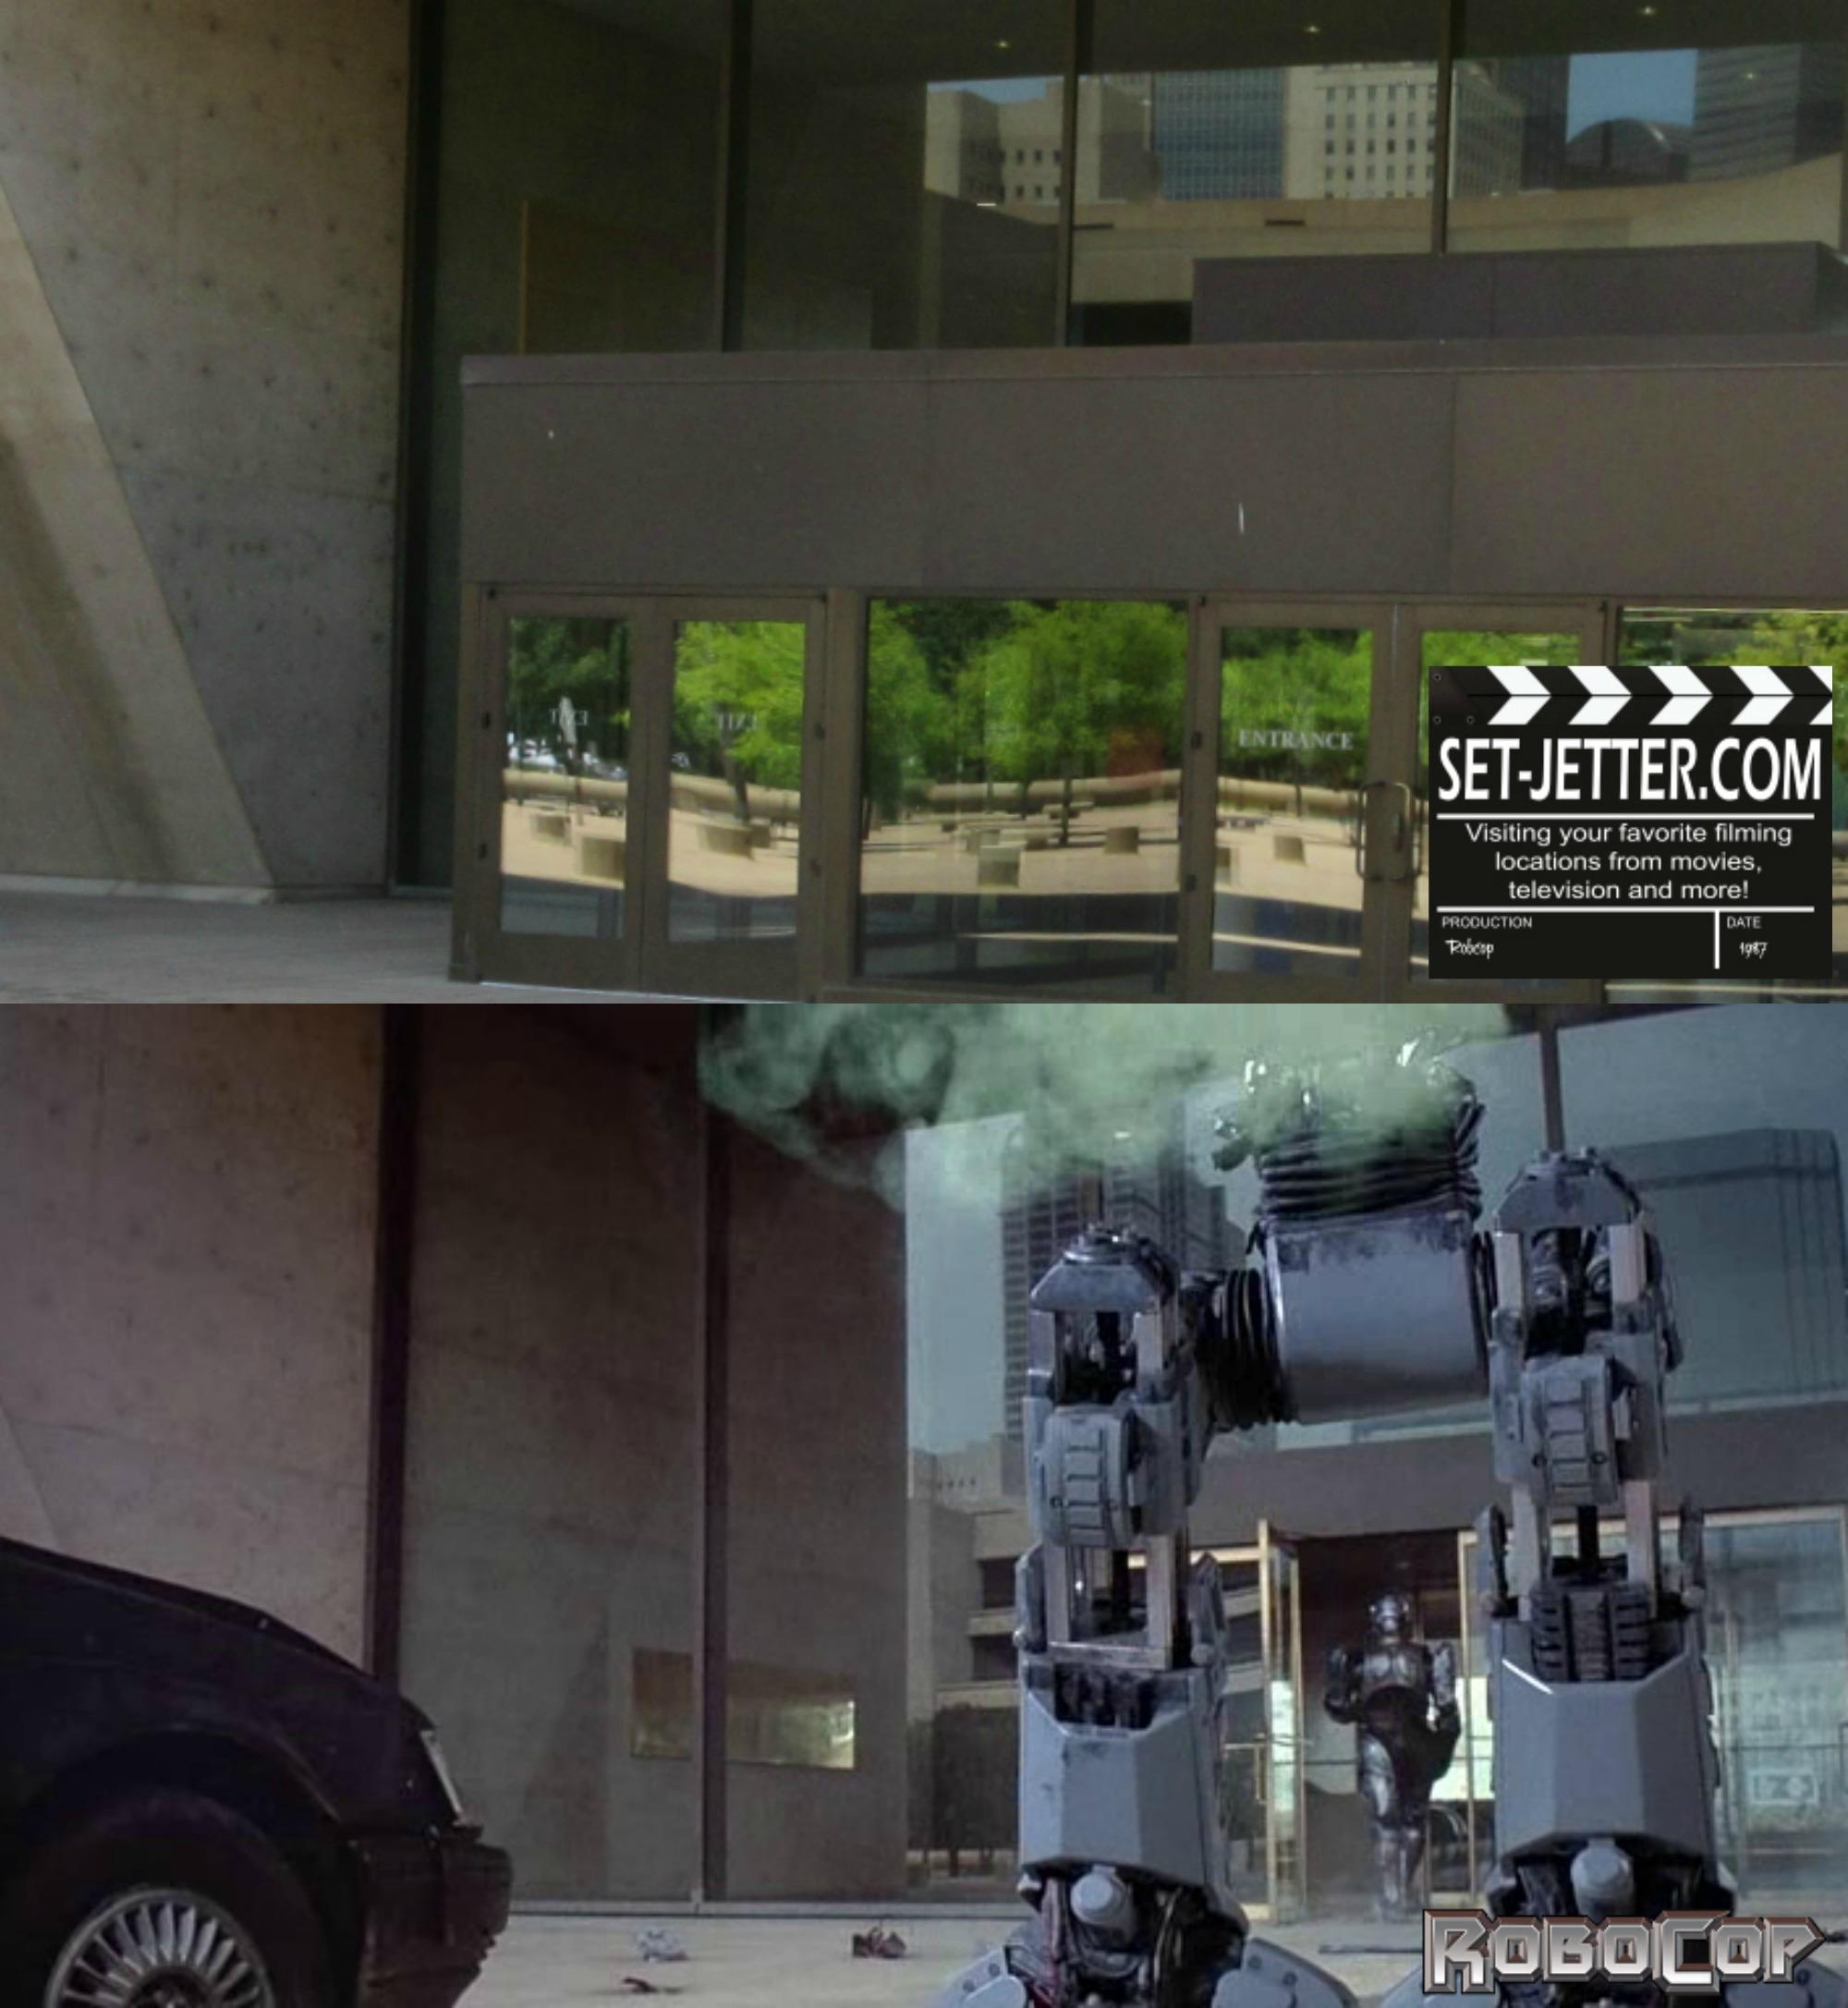 Robocop comparison 179.jpg